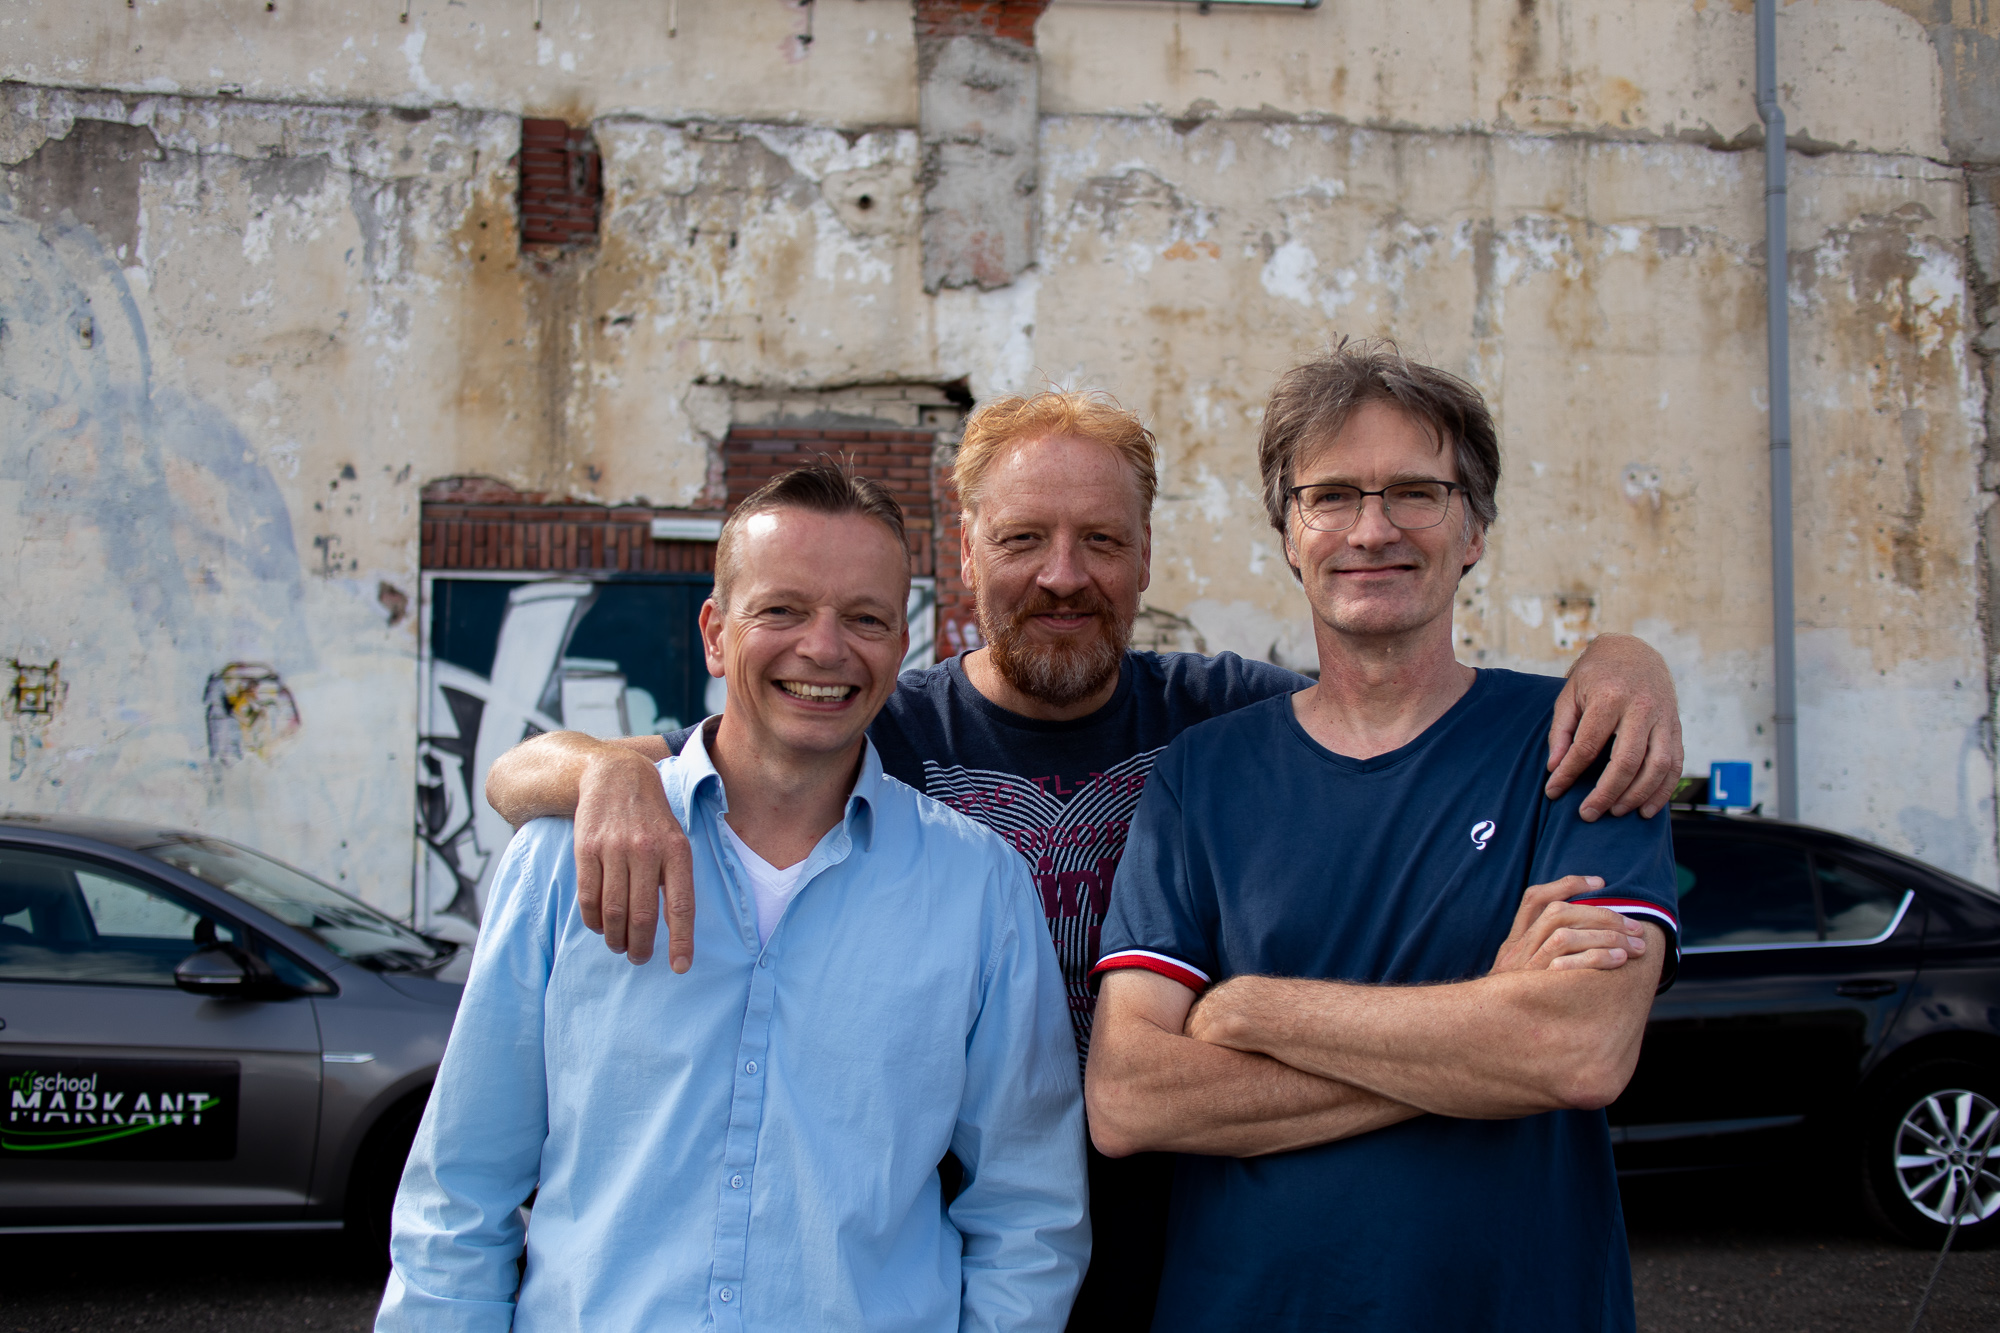 Instructeurs Rijschool Markant Groningen